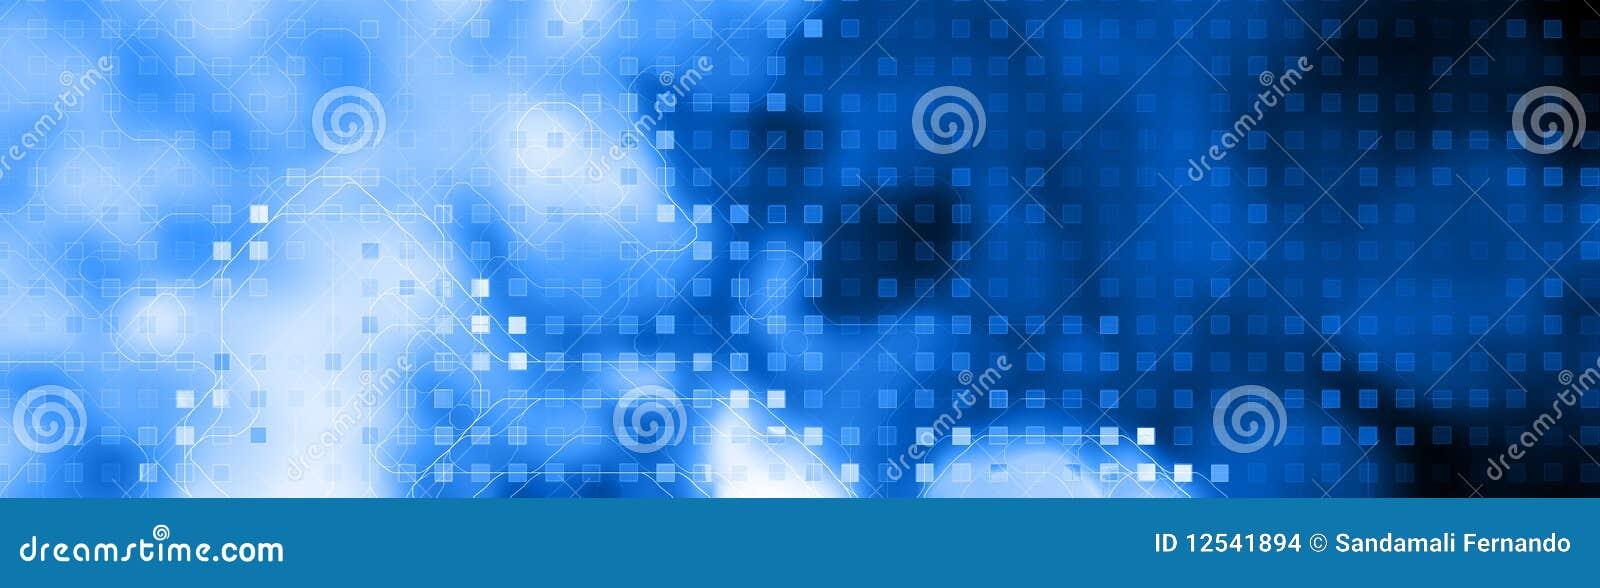 Azul do encabeçamento do Web da tecnologia